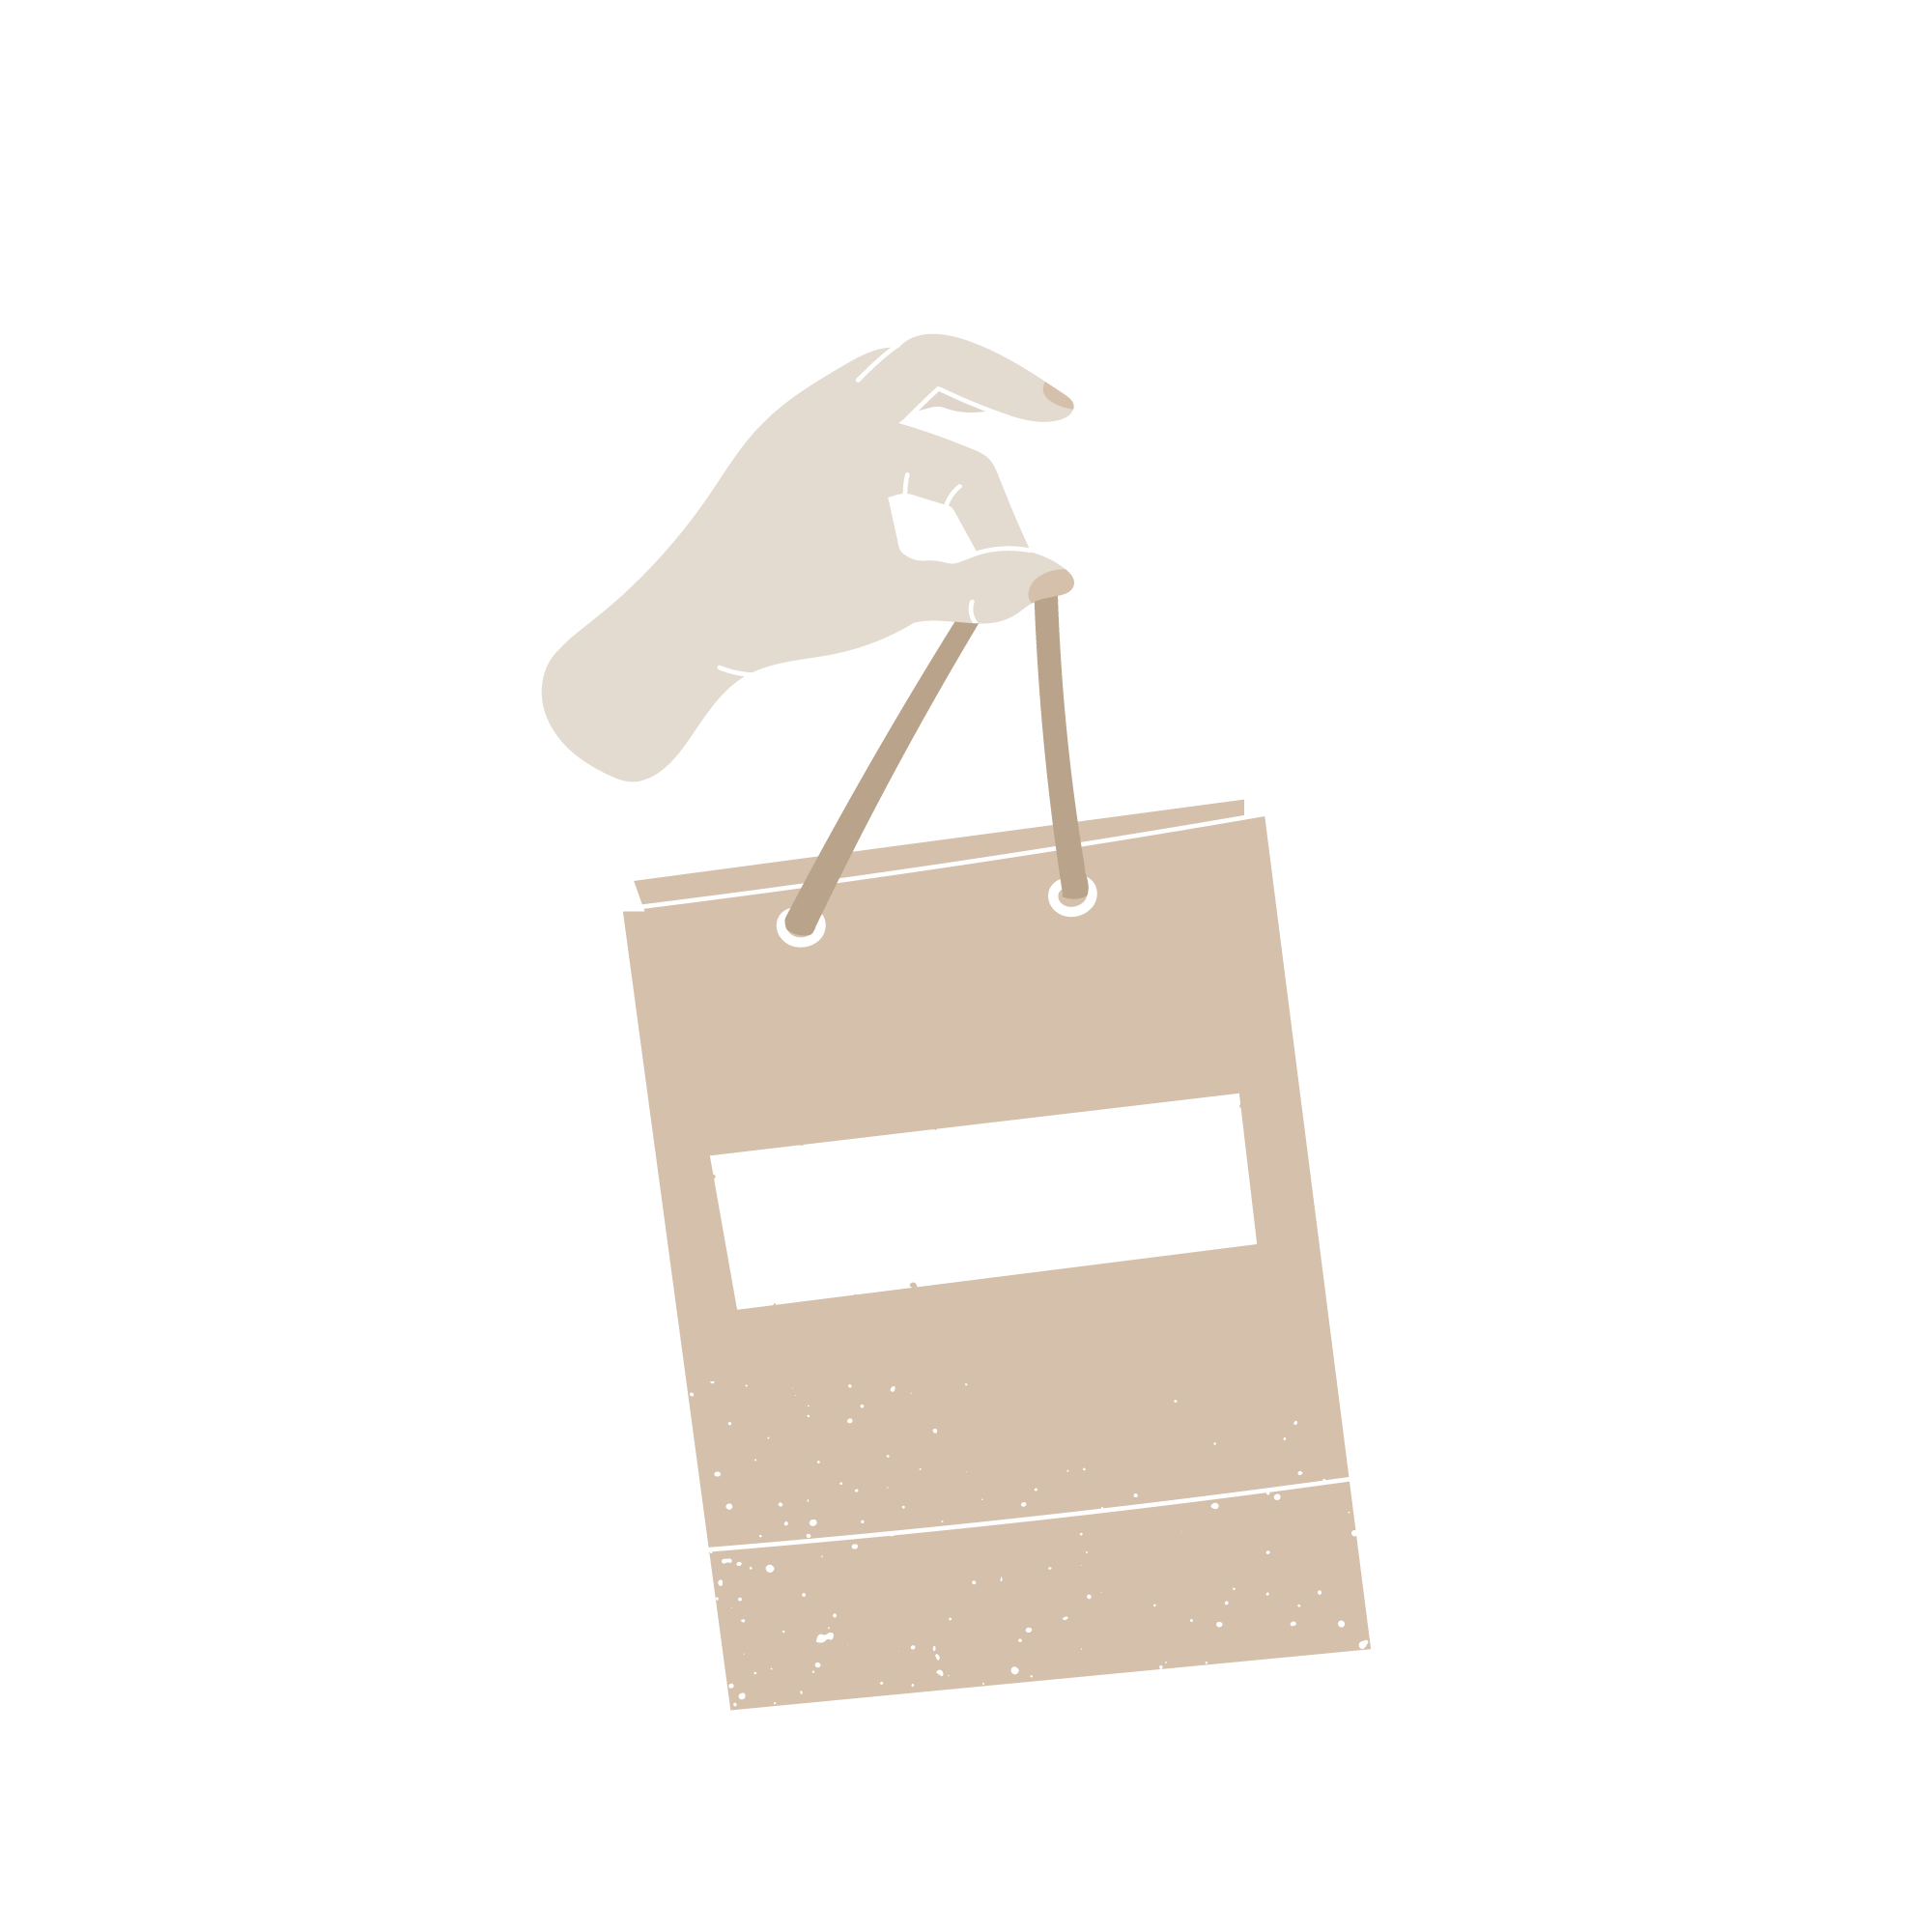 emiliecerretti_insta_icone-boutique